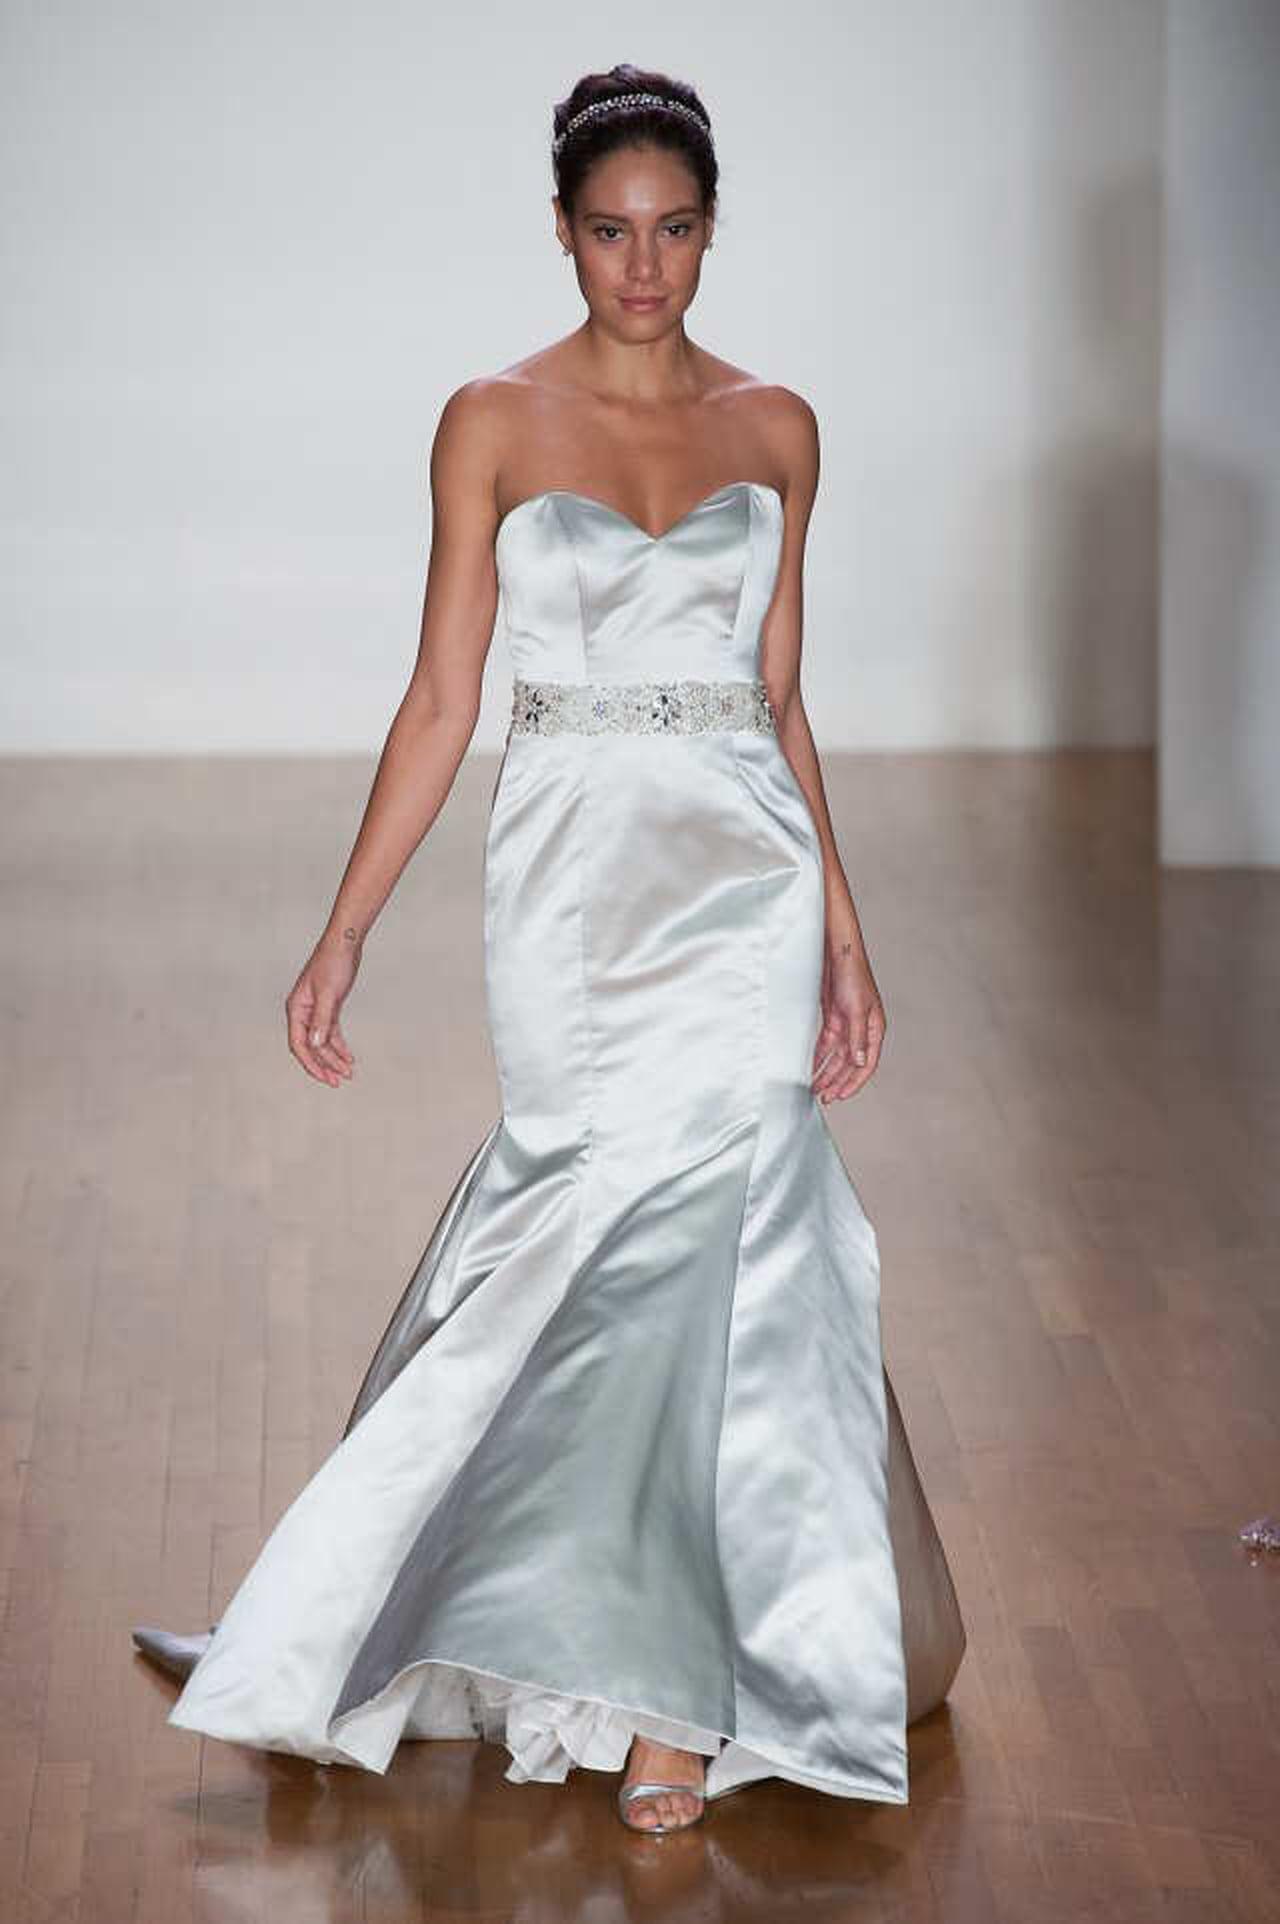 Abiti da sposa a sirena  la proposta di Elisabetta Polignano è semplice con  un dettaglio gioiello in vita. © Imaxtree.com f23cd9bf5c4